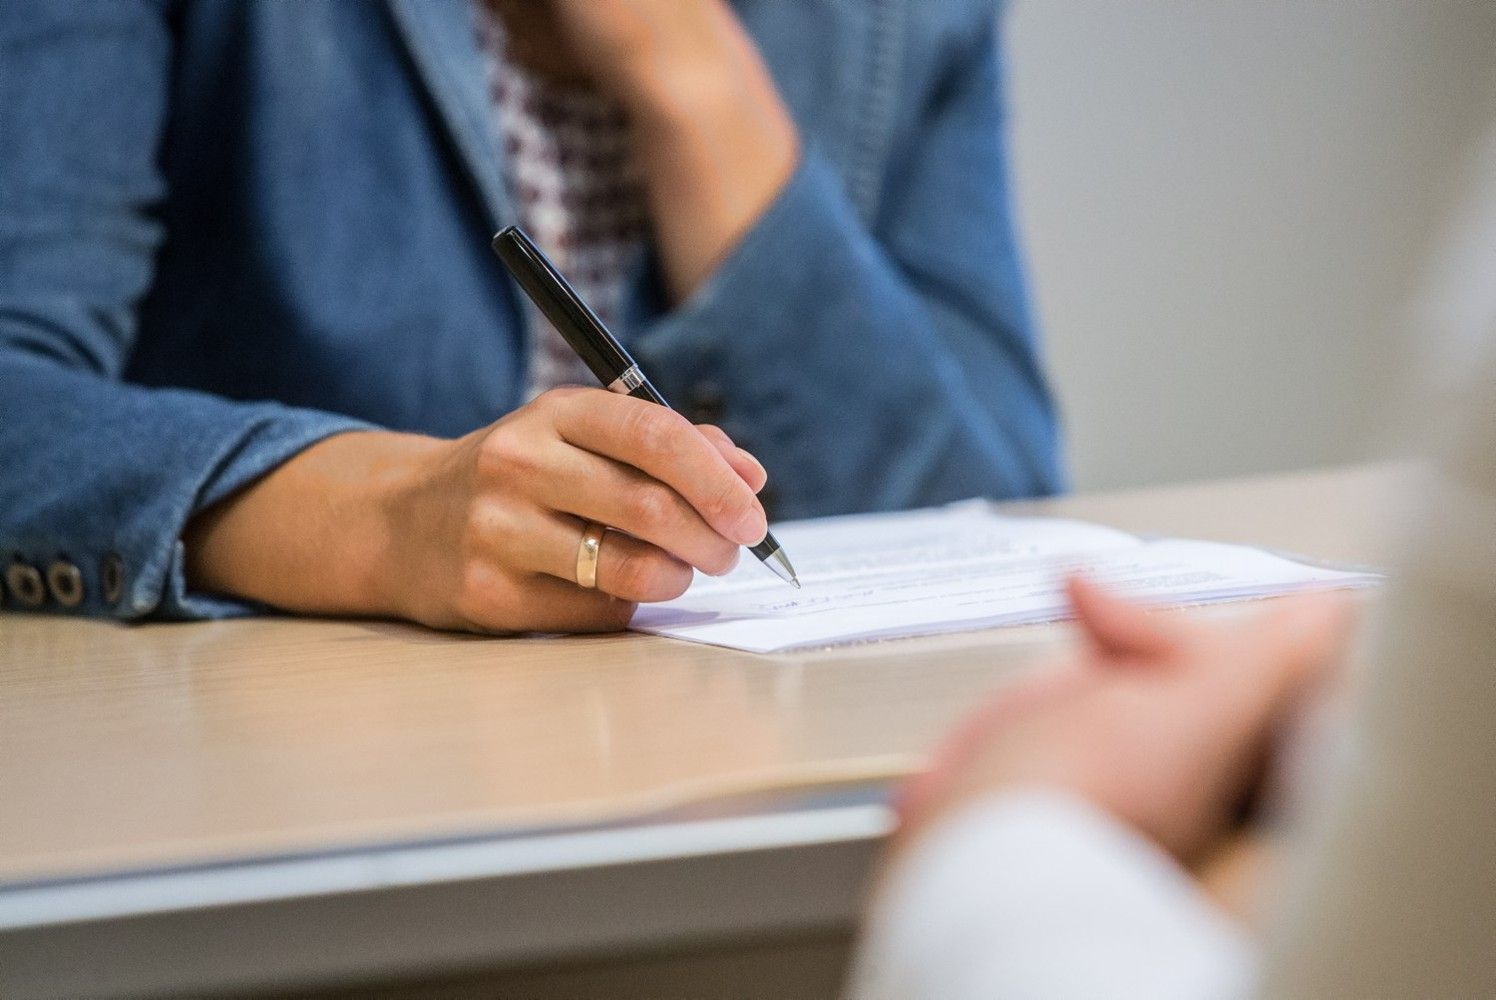 Darbuotojų atranka: kaip neprarasti geriausio kandidato